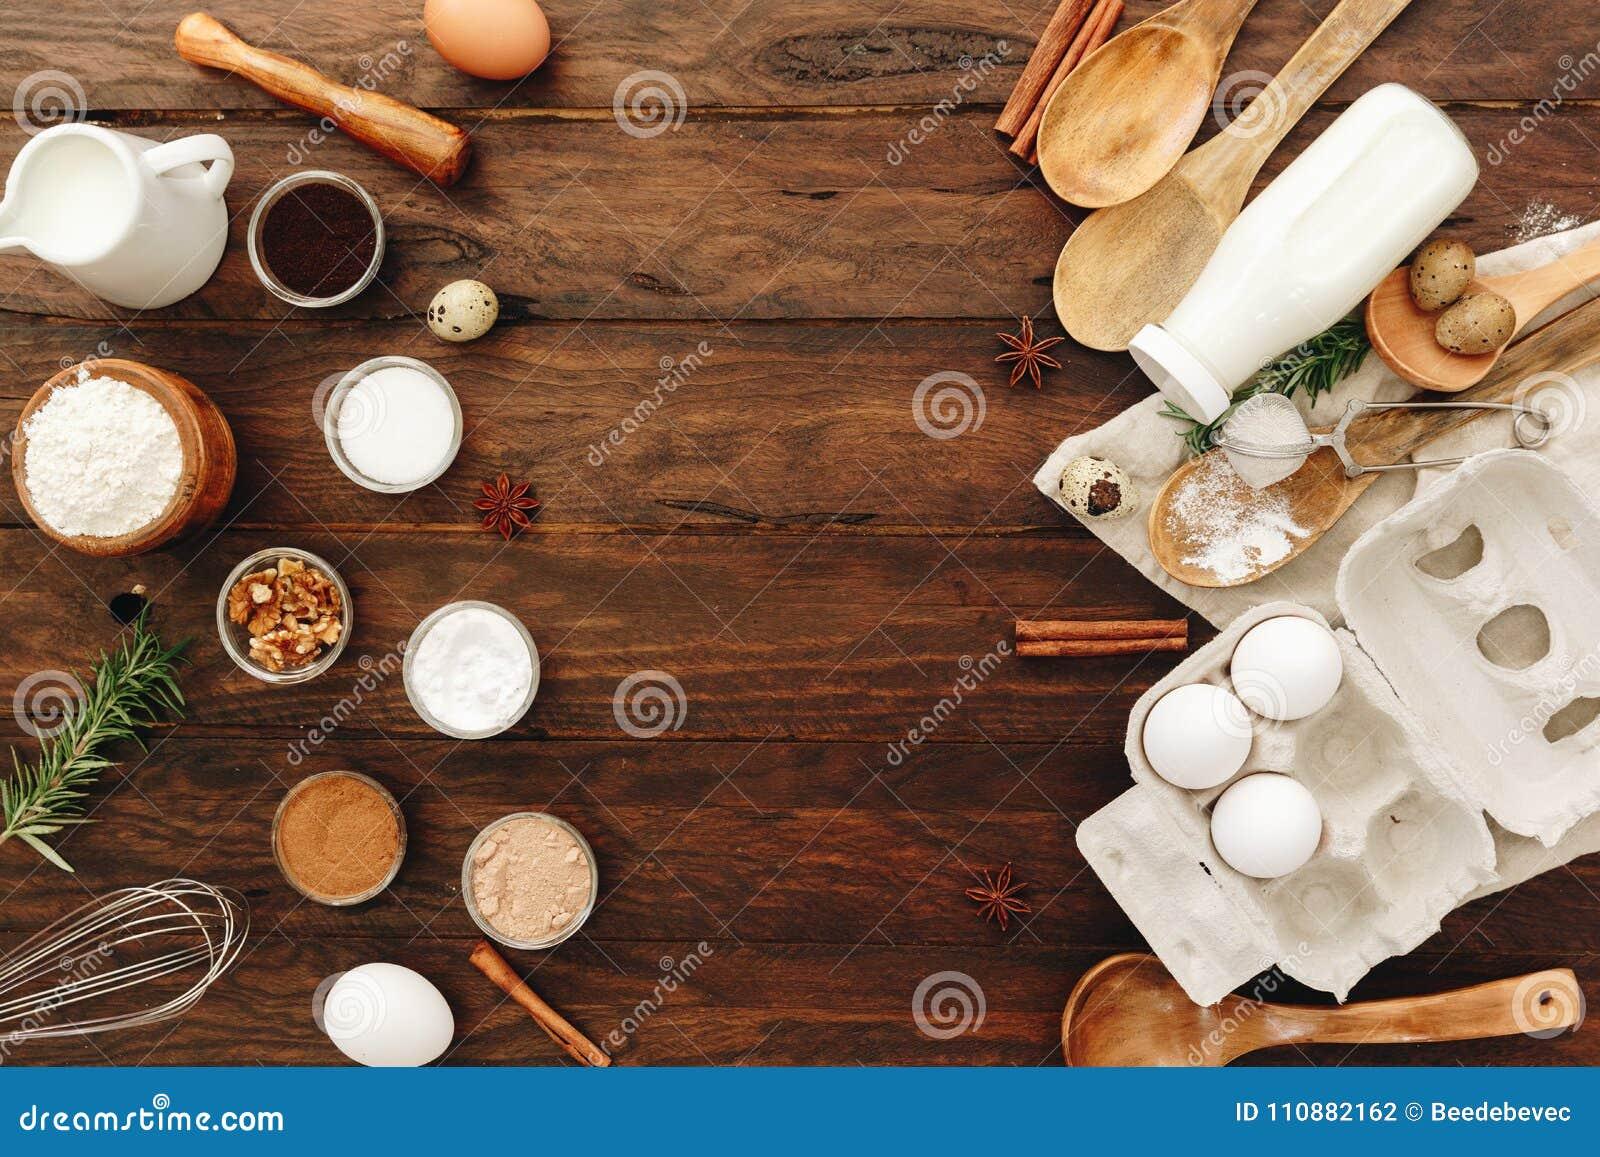 Flache Lage Ood Auf Küchentischhintergrund Butter Milch Hefe Mehl